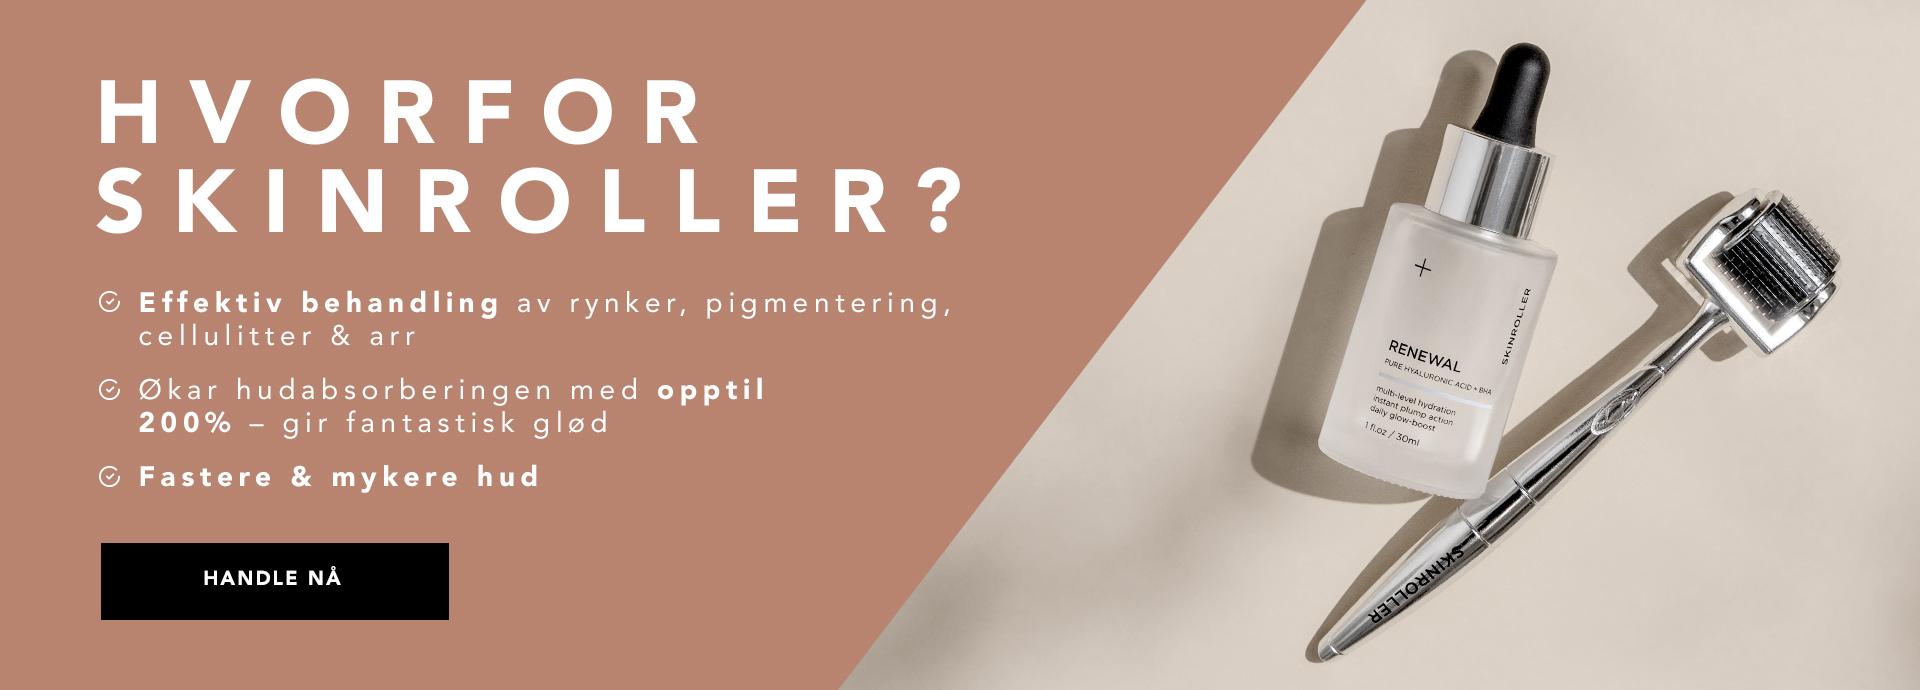 https://www.skinroller.no/image/6356/varfor-skinroller-desktop-NO.jpg